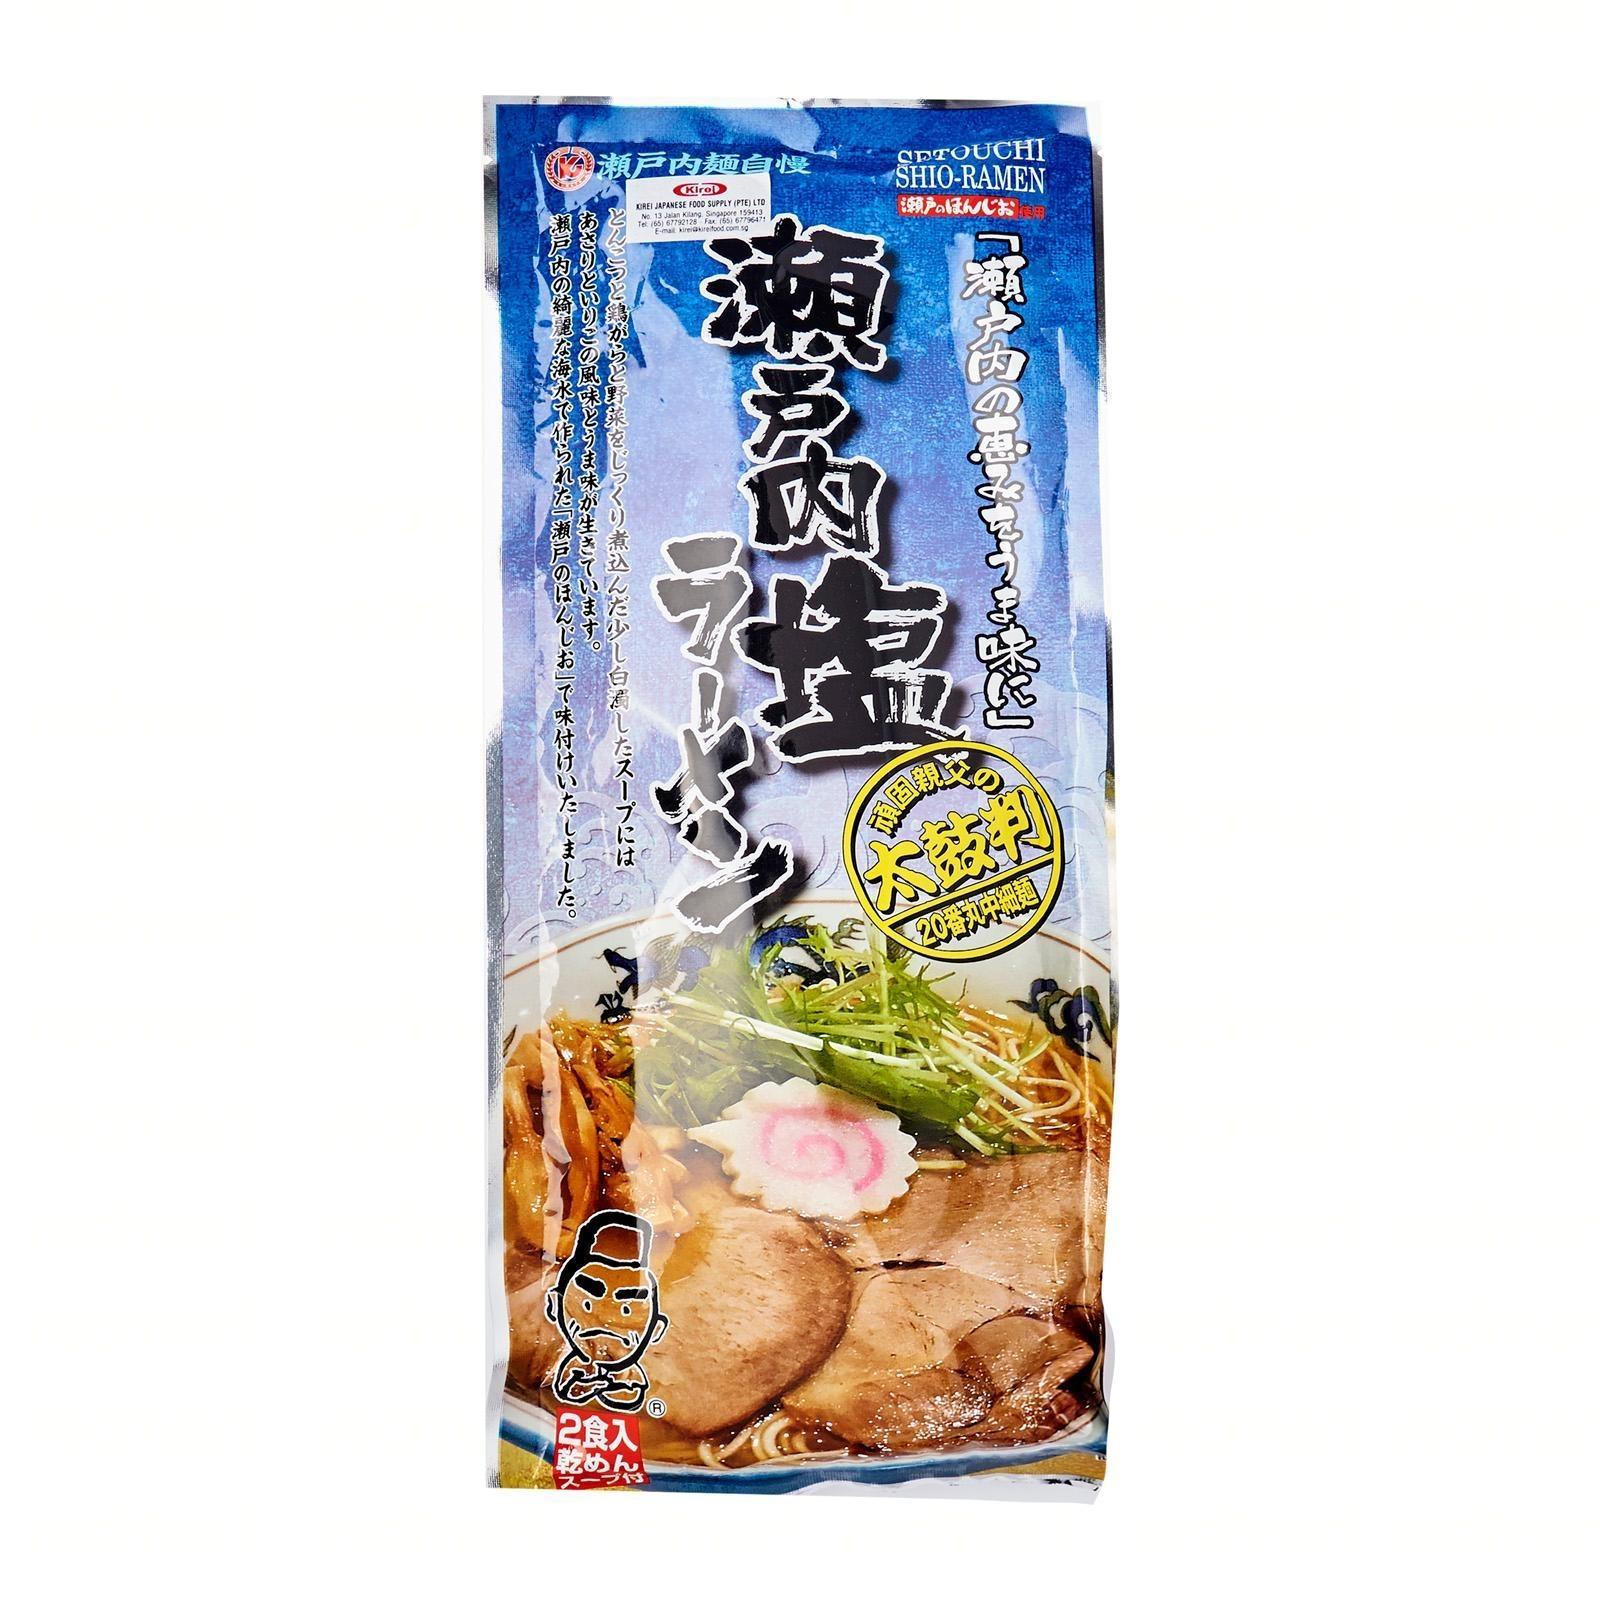 Fukuyama Setouchi Shio Dry Ramen Noodle With Soup Base